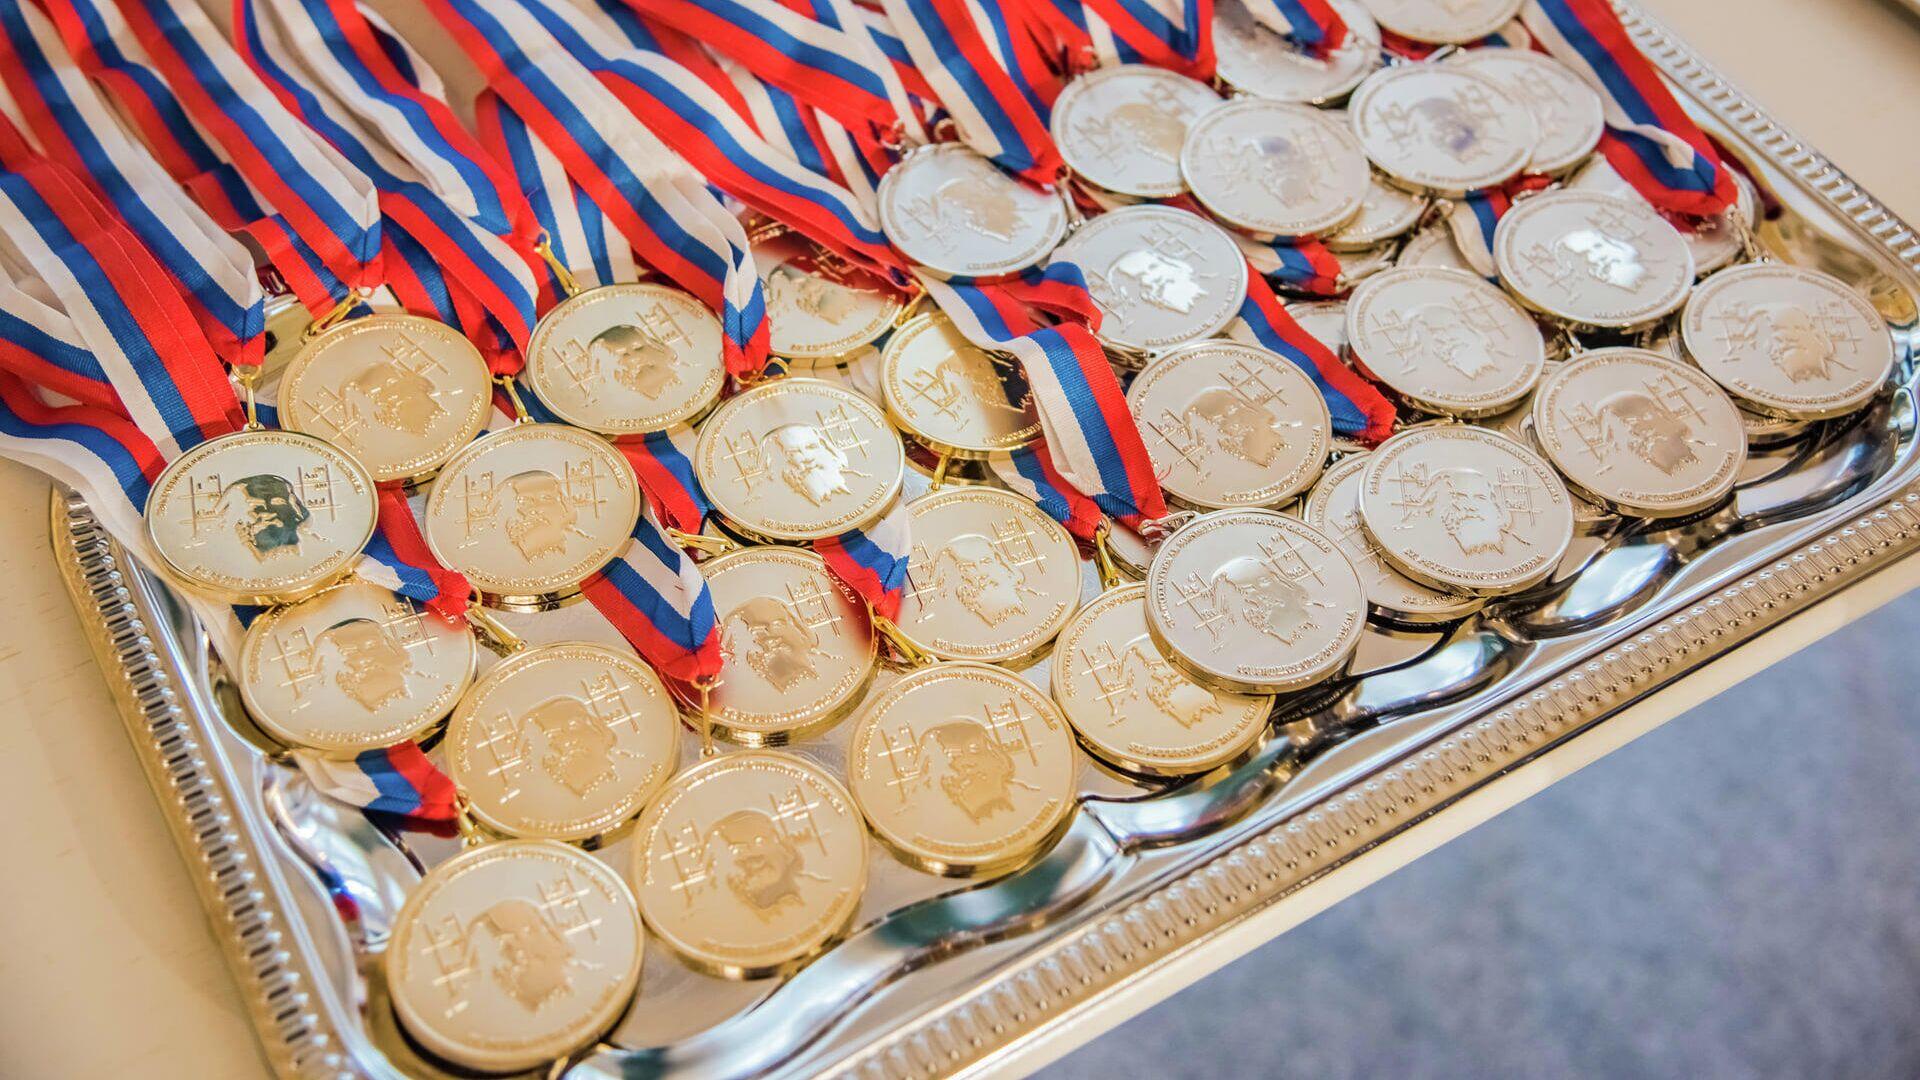 Медали для победителей Международной Менделеевской олимпиаде по химии - РИА Новости, 1920, 26.04.2021